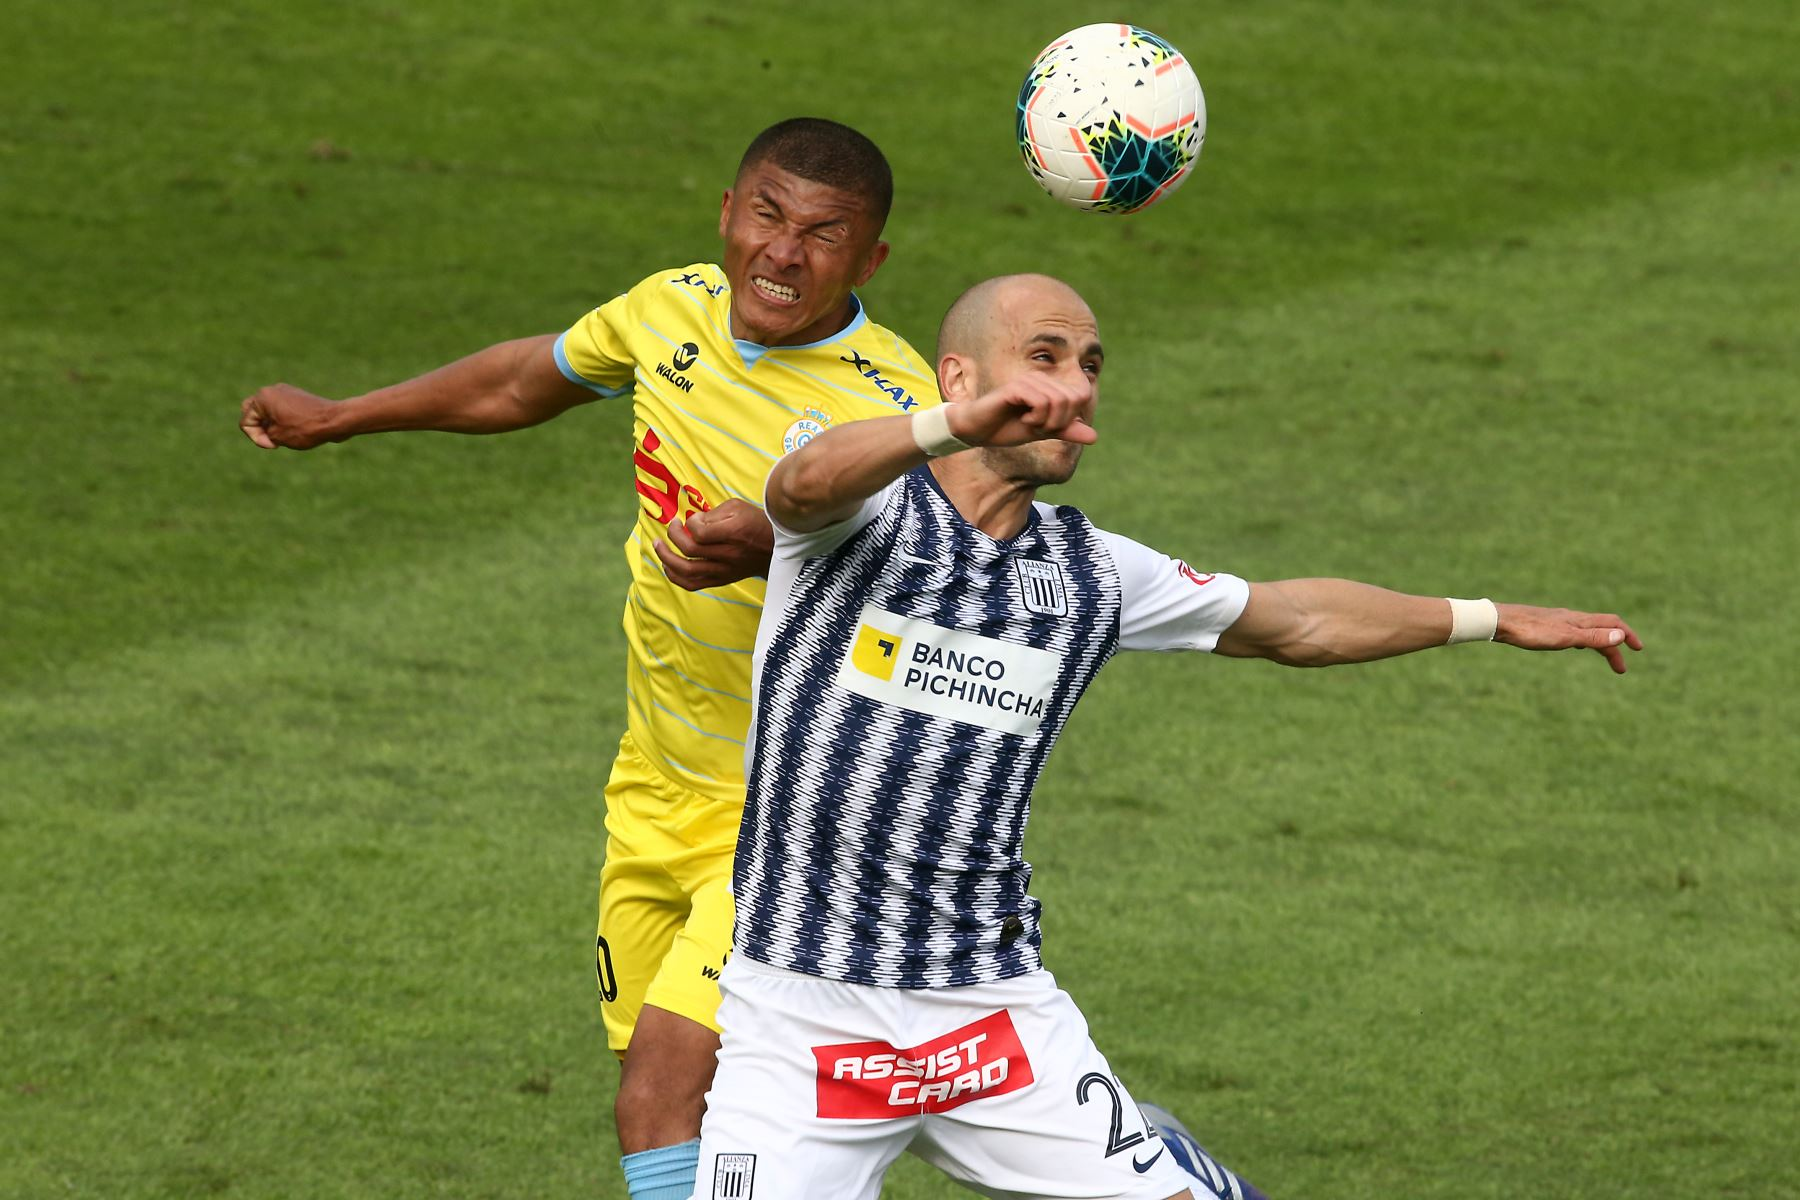 Federico Rodriguez de Alianza Lima se enfrenta a Marizún Quina de Real Garcilaso por el Torneo Clausura de Liga 1. Foto: ANDINA/Vidal Tarqui